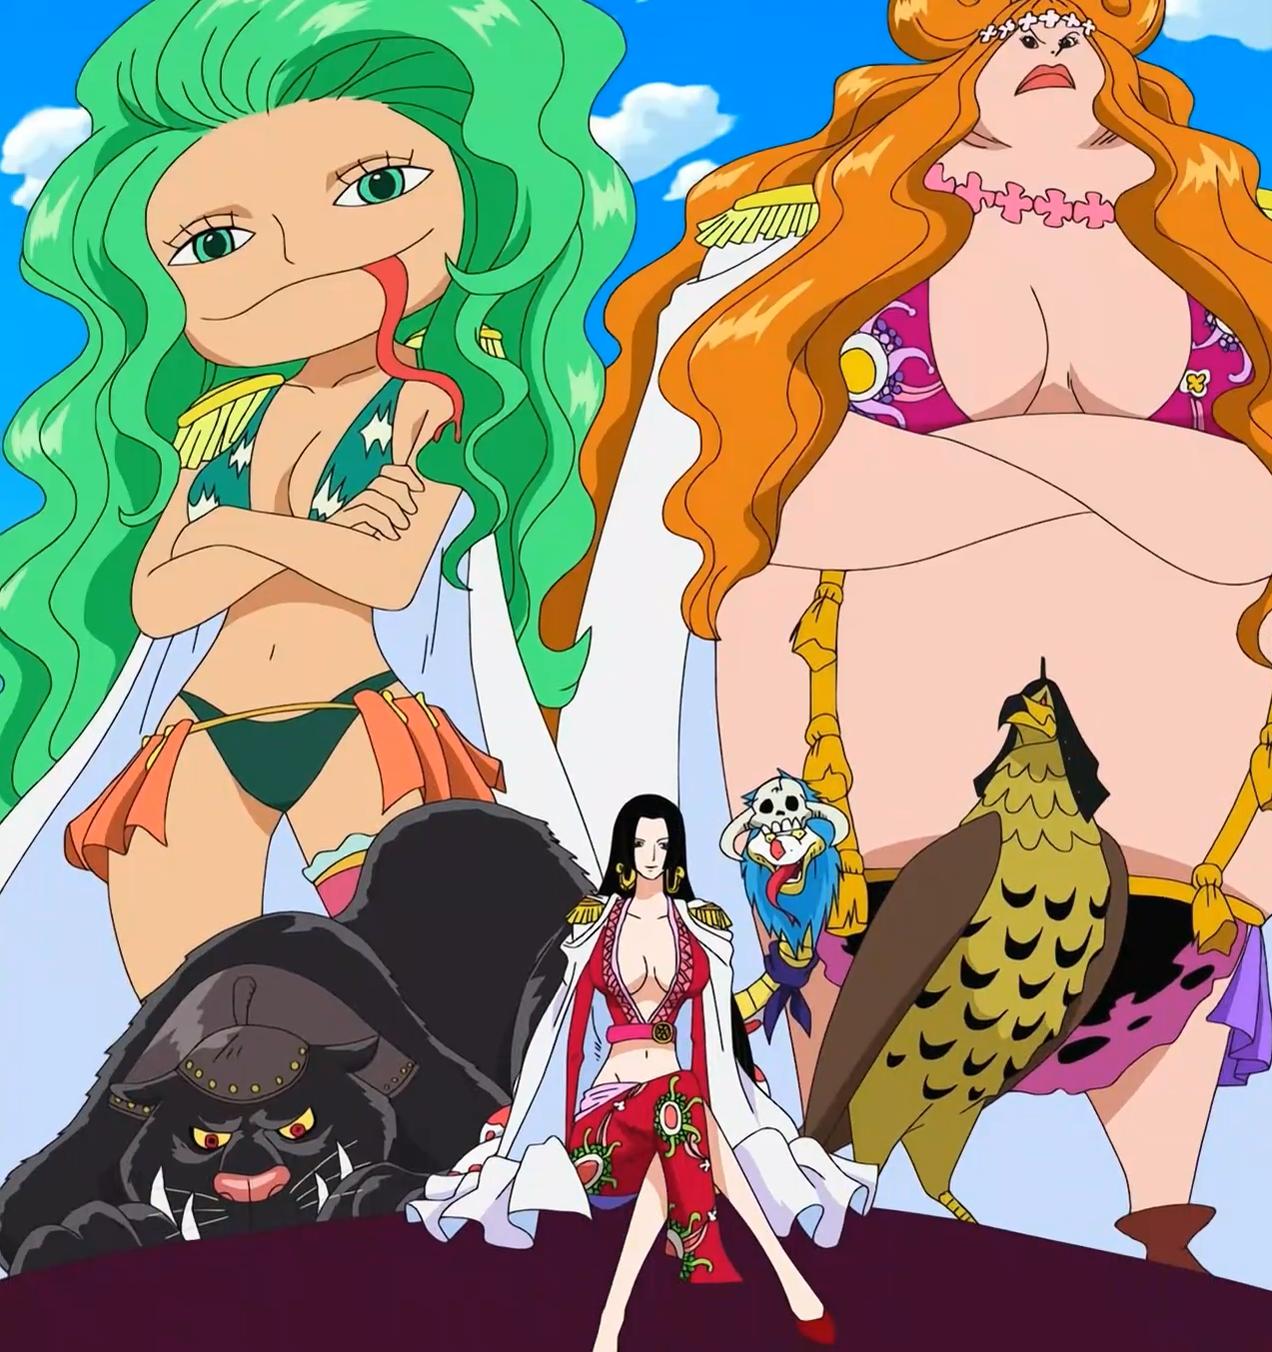 3boobsphotos hentai pic